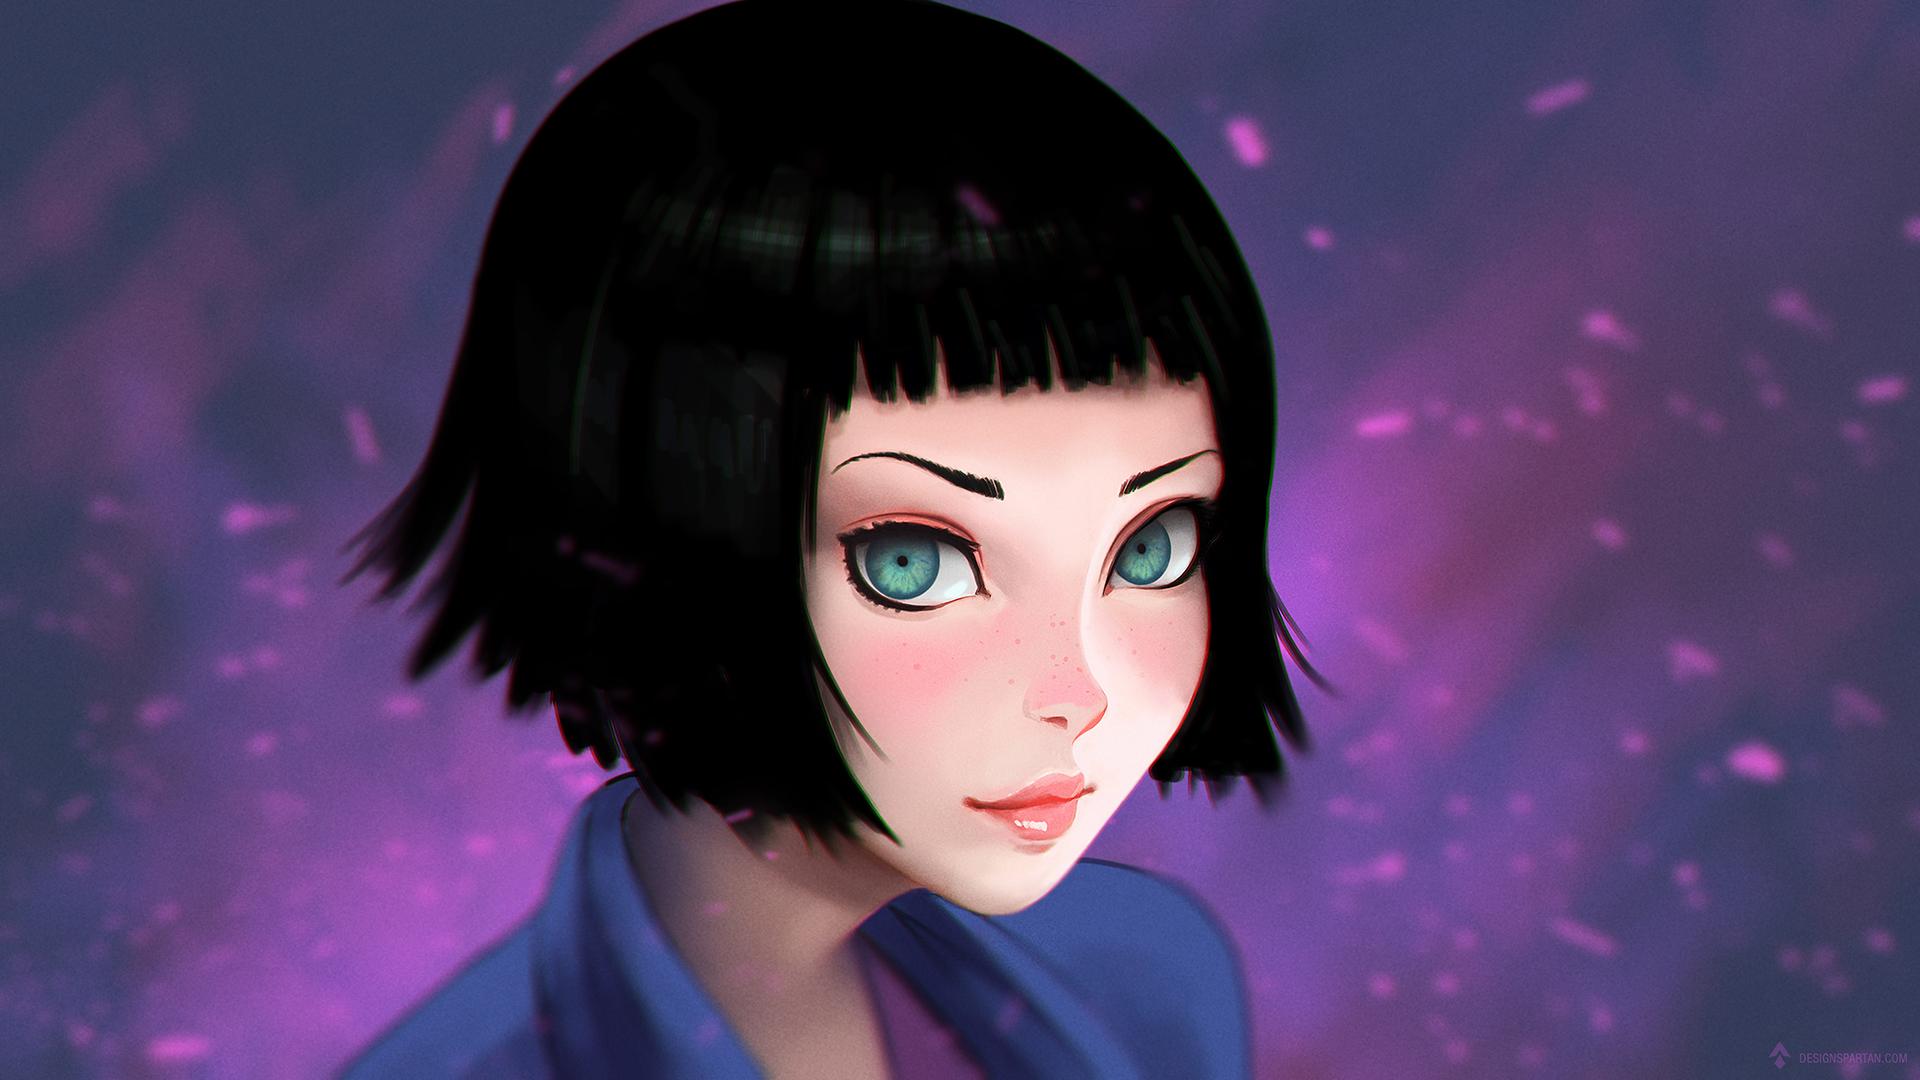 """Tutoriel vidéo de digital painting : Comment peindre un portrait stylisé """"manga"""" semi-réaliste"""